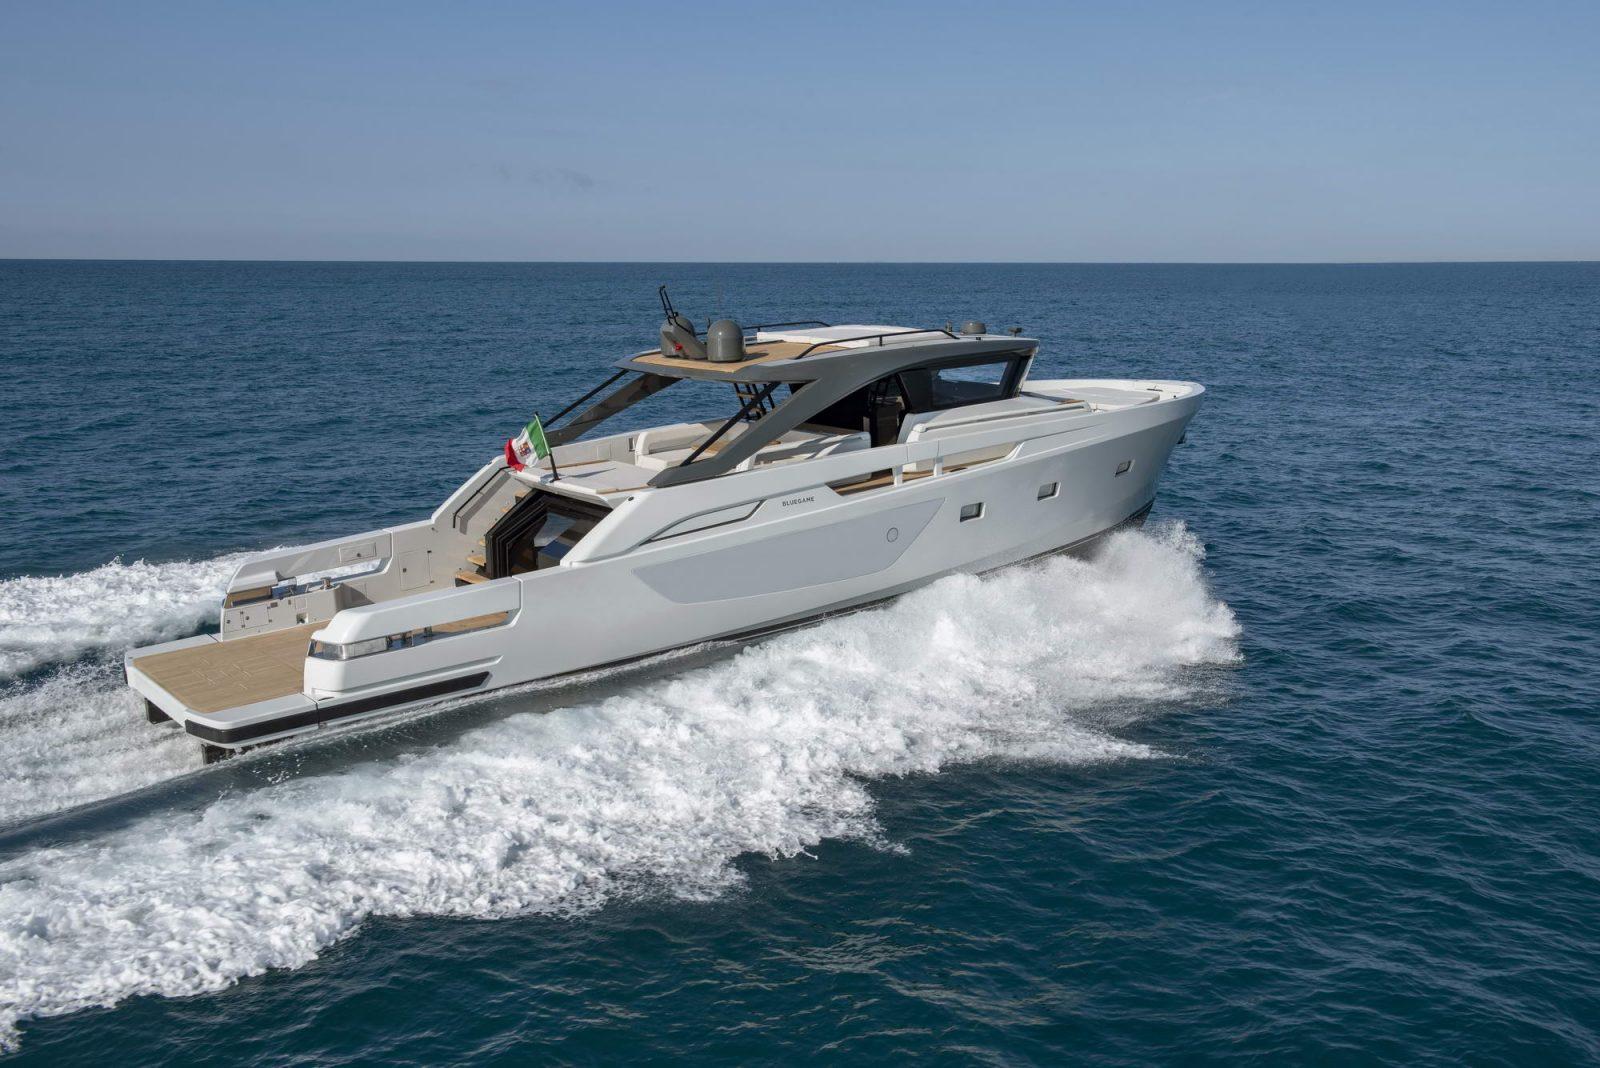 Simpson Marine - BG72